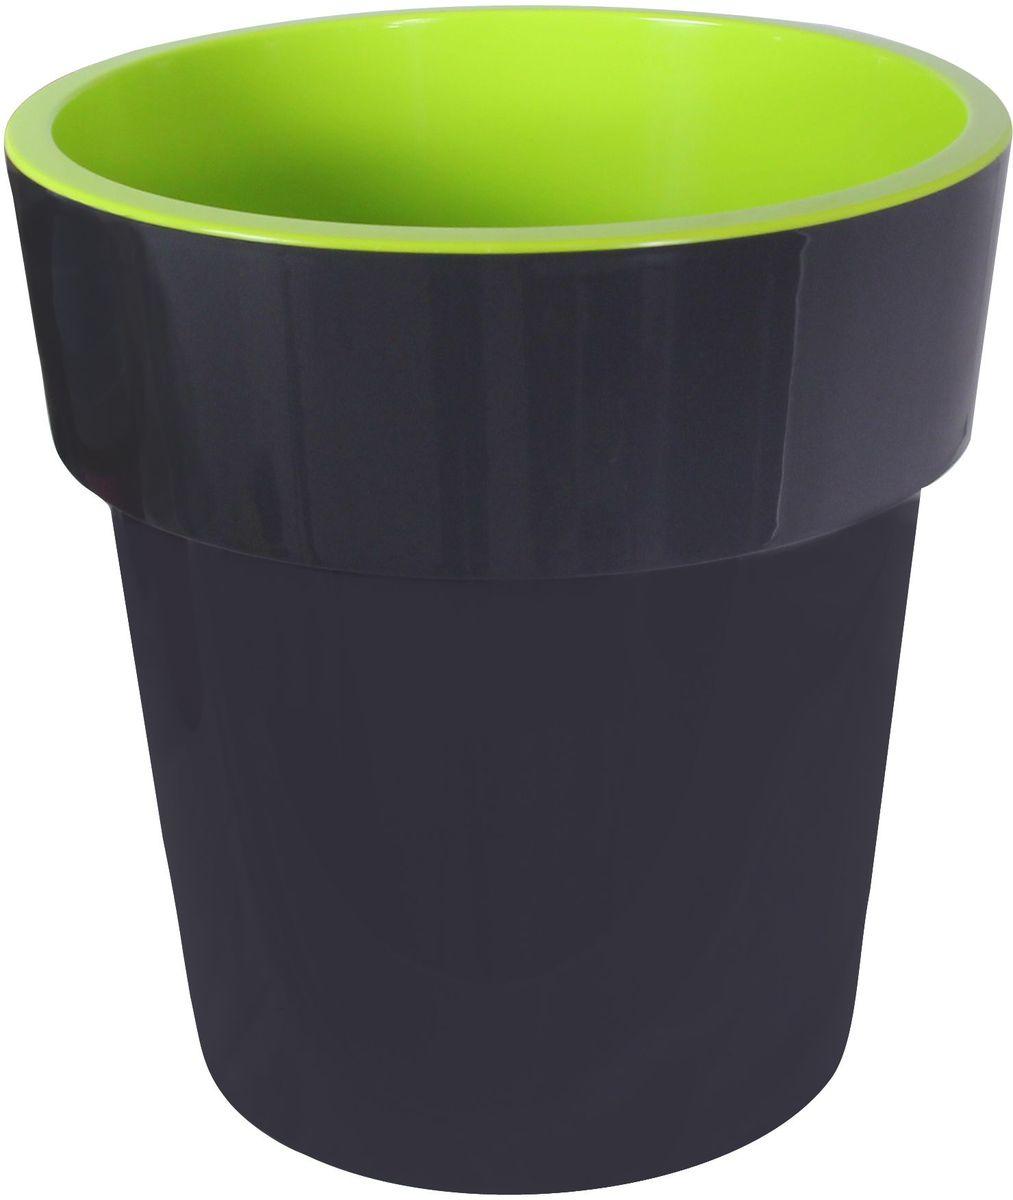 Кашпо Idea Тубус, цвет: графитовый, диаметр 20 см531-401Кашпо Idea Тубус изготовлено из прочного пластика. Изделие прекрасно подходит для выращивания растений и цветов в домашних условиях. Стильный современный дизайн органично впишется в интерьер помещения.Диаметр кашпо: 20 см. Высота кашпо: 20 см.